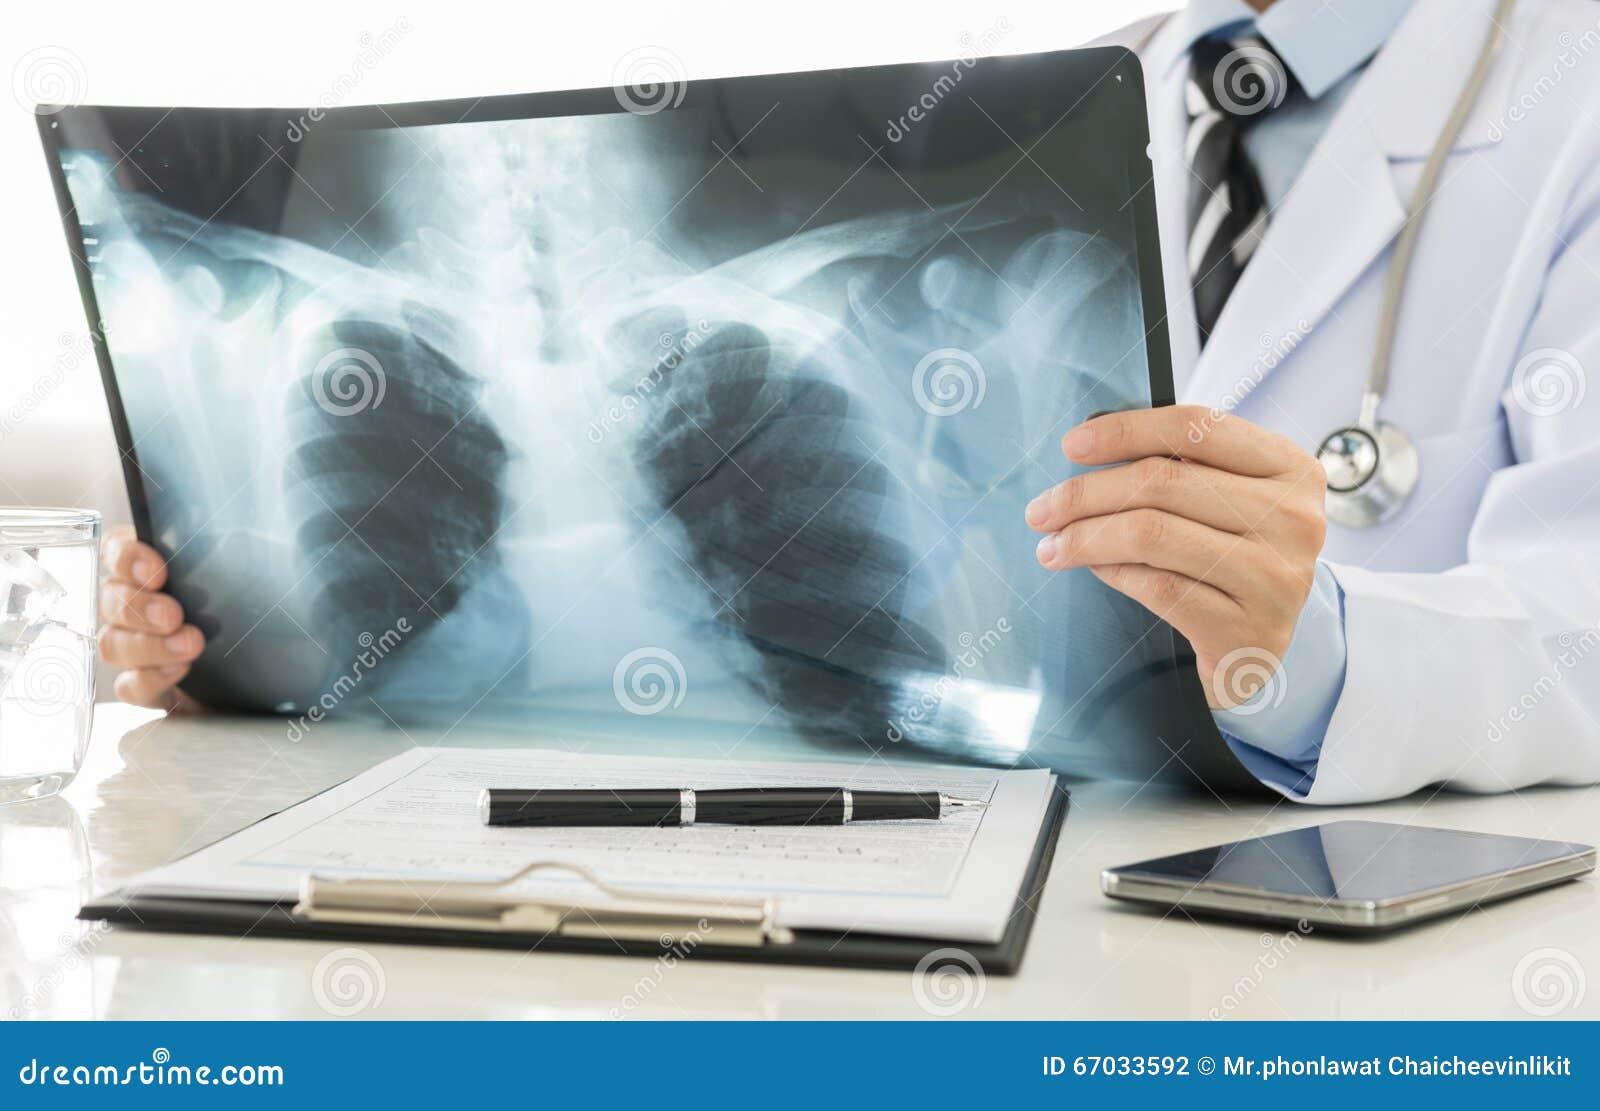 Röntgenstraal